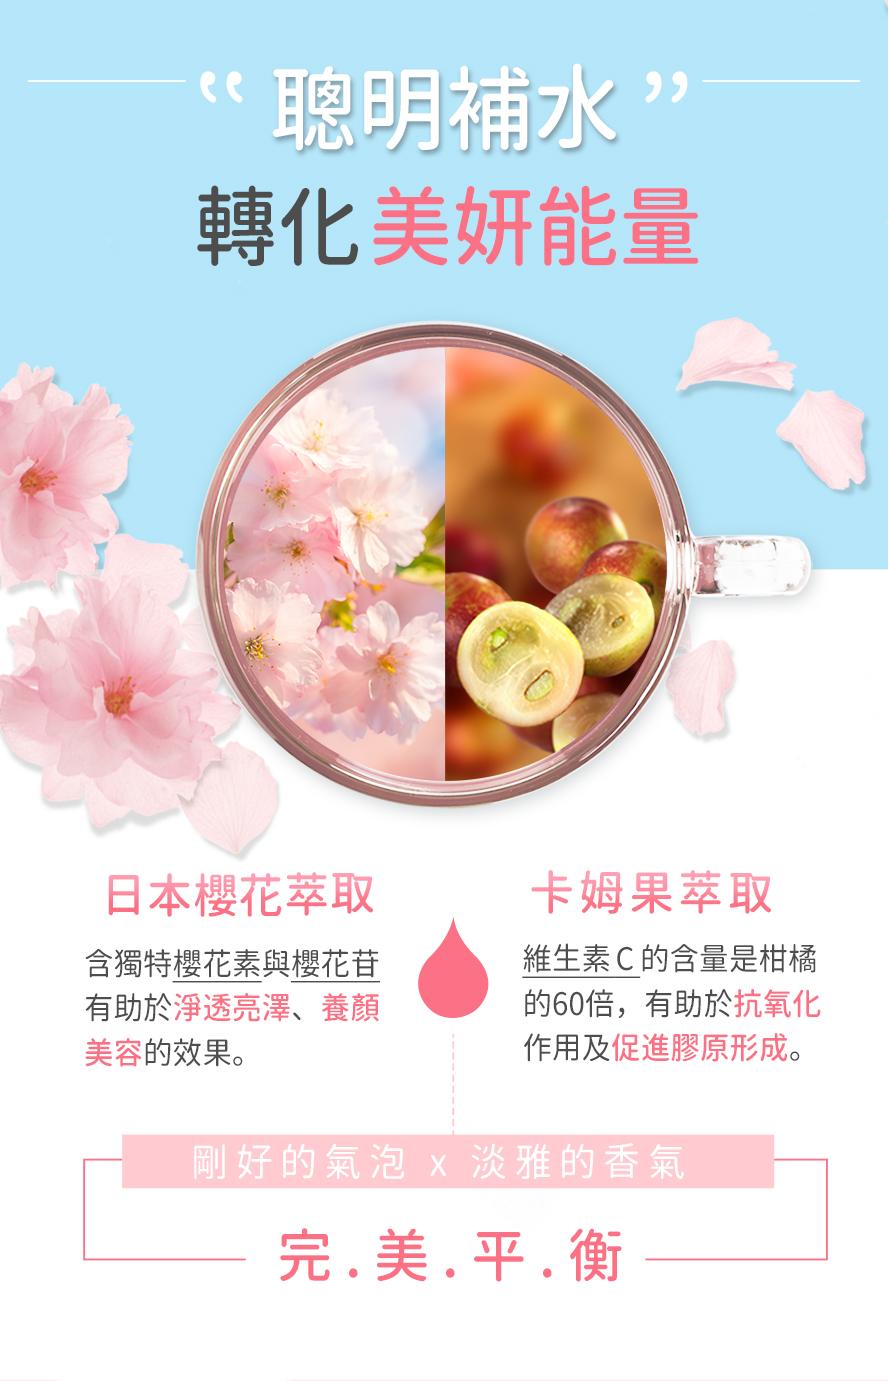 日本櫻花萃取物,具抗糖化作用,維持膠原蛋白組織的機能性;卡姆果的維生素C含量為柑橘的60倍,超強抗氧化。